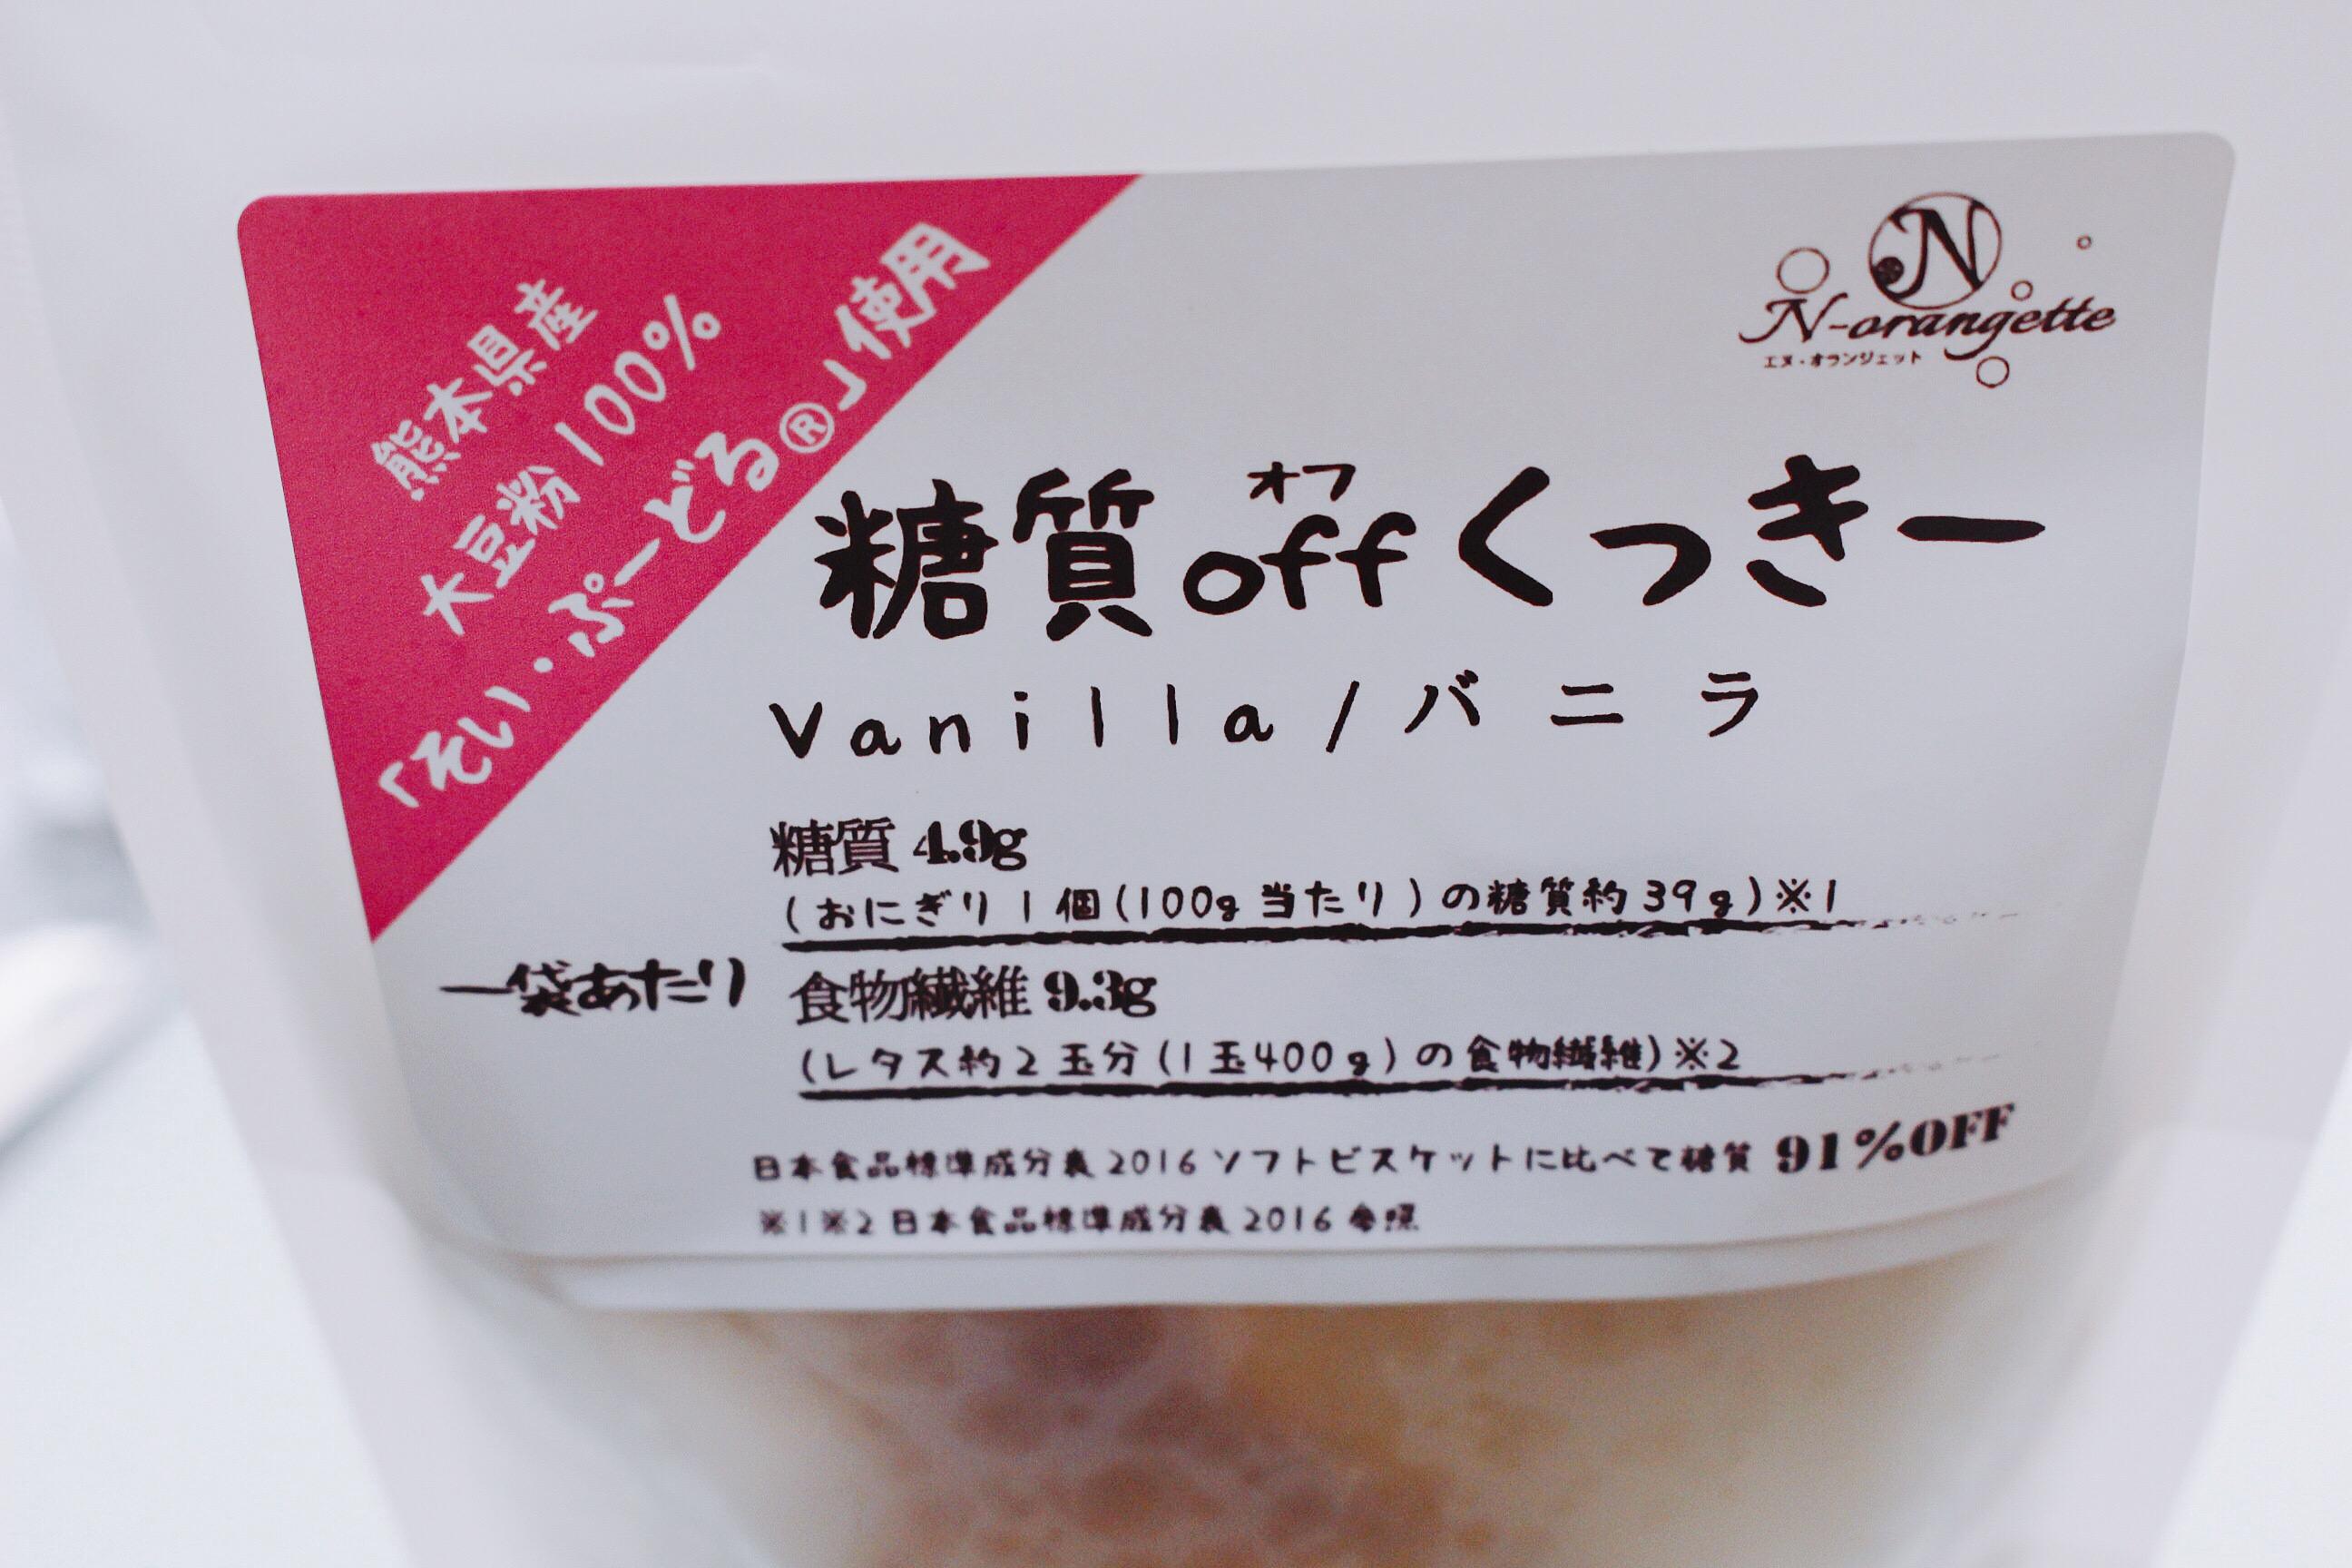 【エヌオランジェット】熊本、萩原で糖質offクッキー!上品なお菓子も